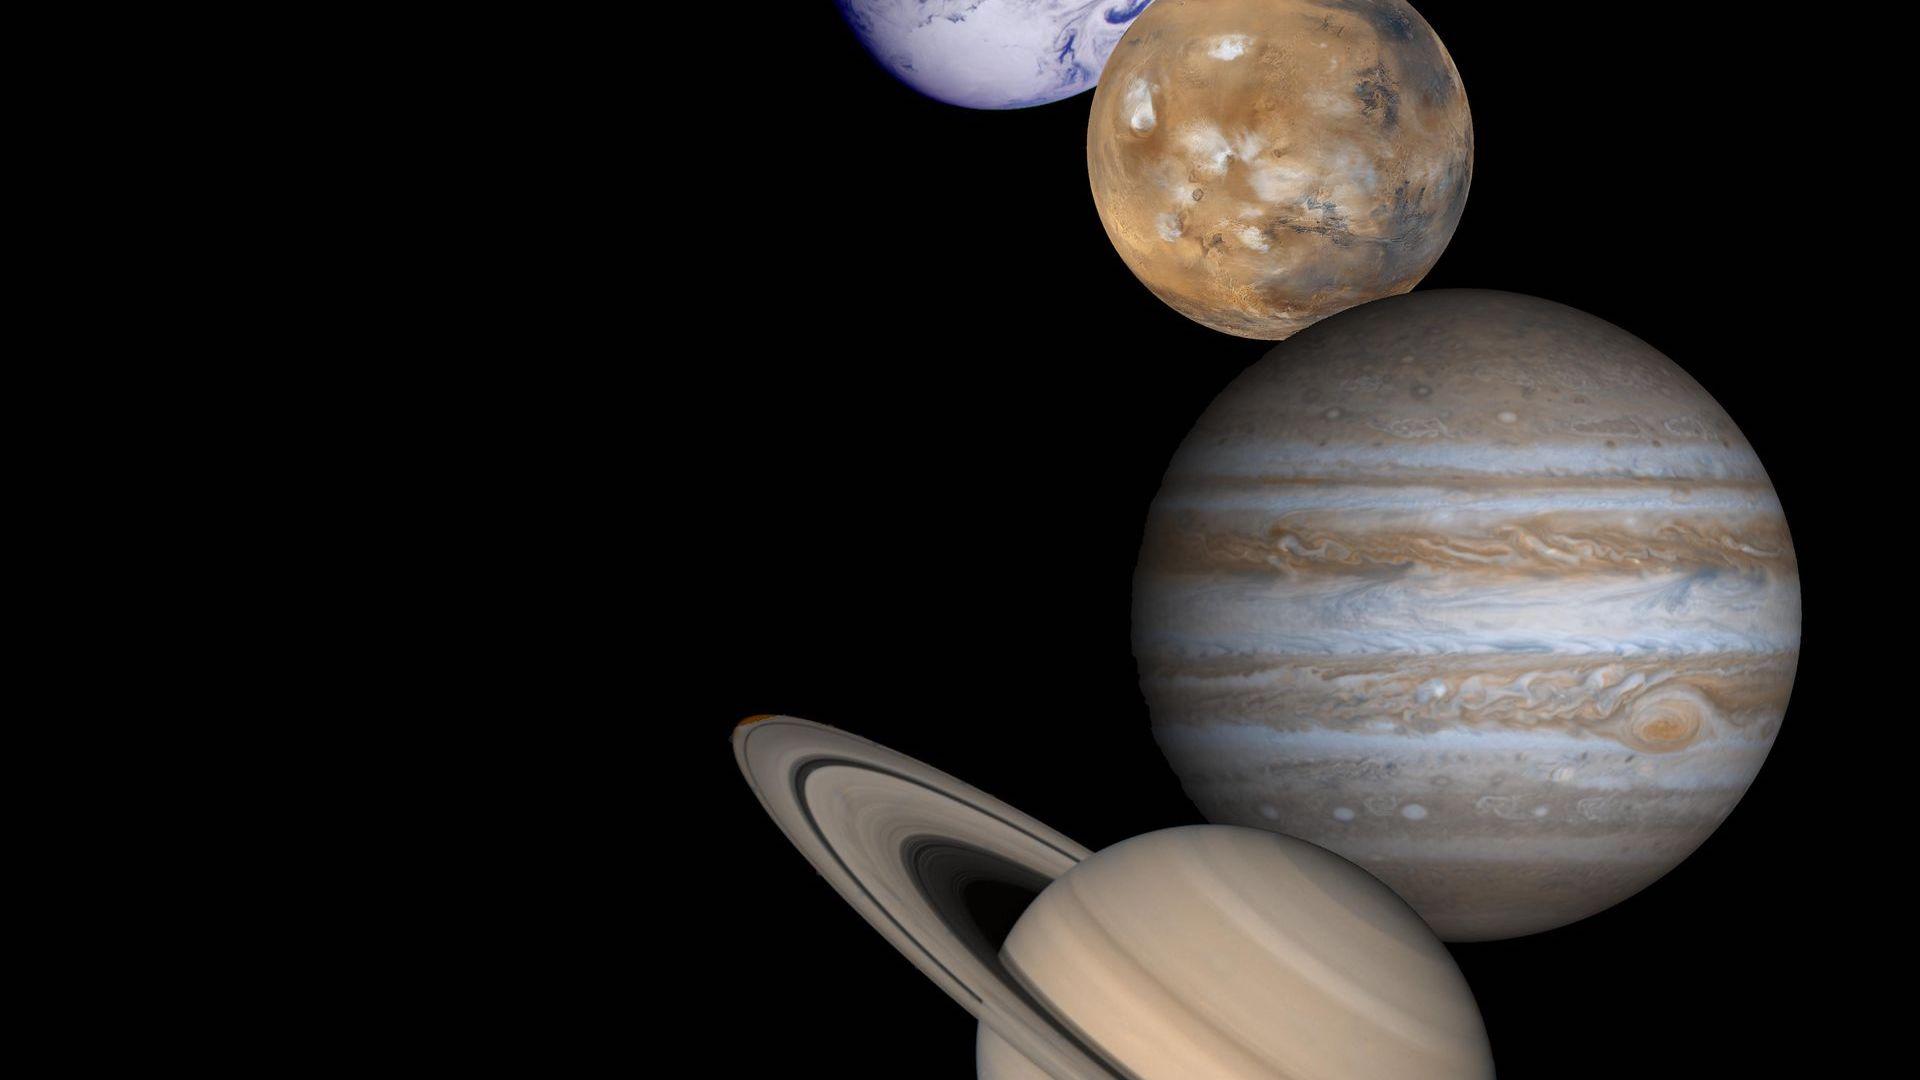 En febrero de 2020 veremos a Marte, Júpiter y Saturno a simple vista